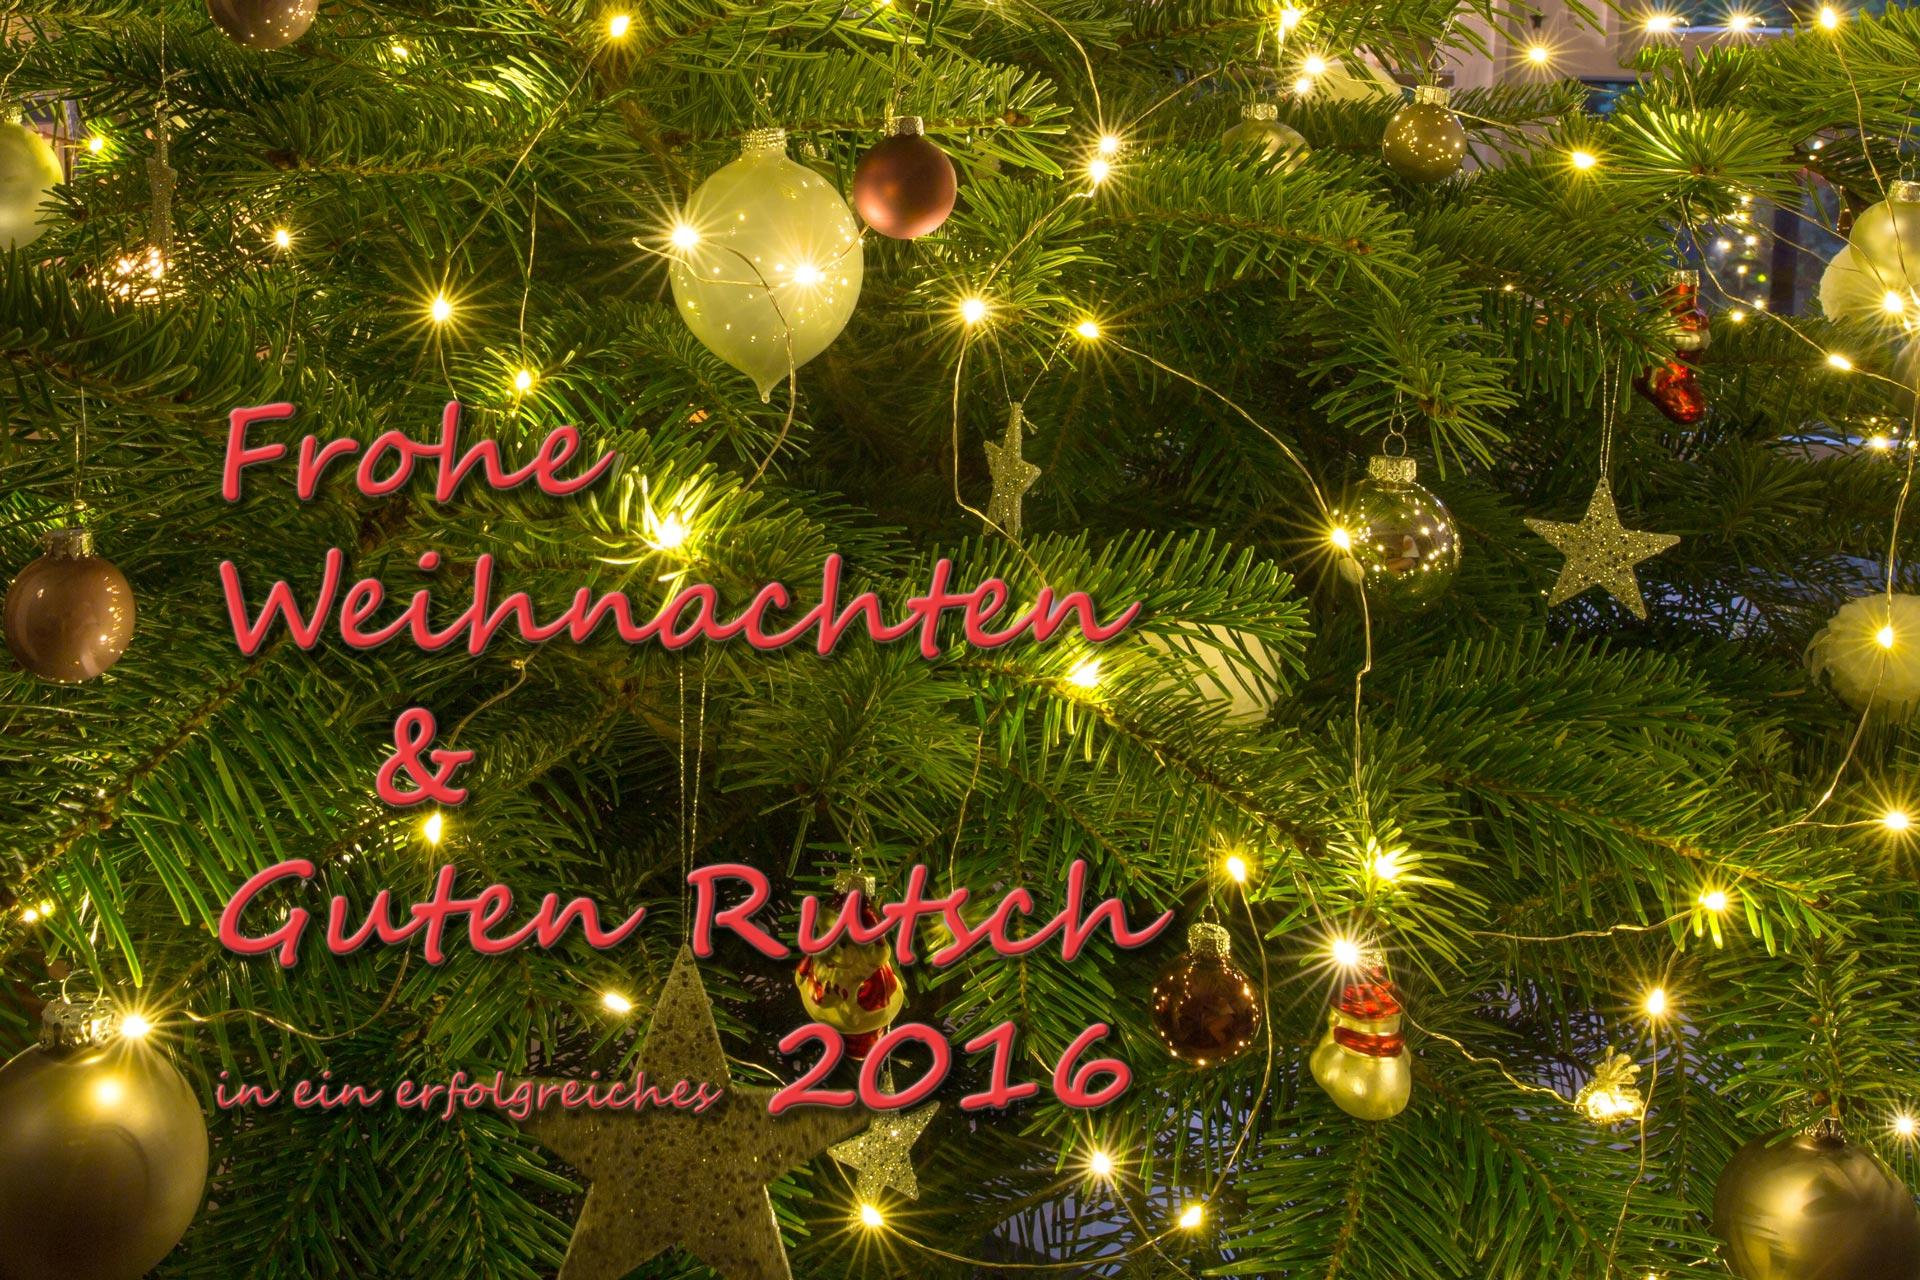 Wir wünschen allen Kunden + Freunden + Bekannten ein besinnliches Weihnachtsfest und ein paar erholsame Tage. Rutscht gut rein in ein erfolgreiches Jahr 2016! Wir freuen uns auf viele gemeinsame Projekte!